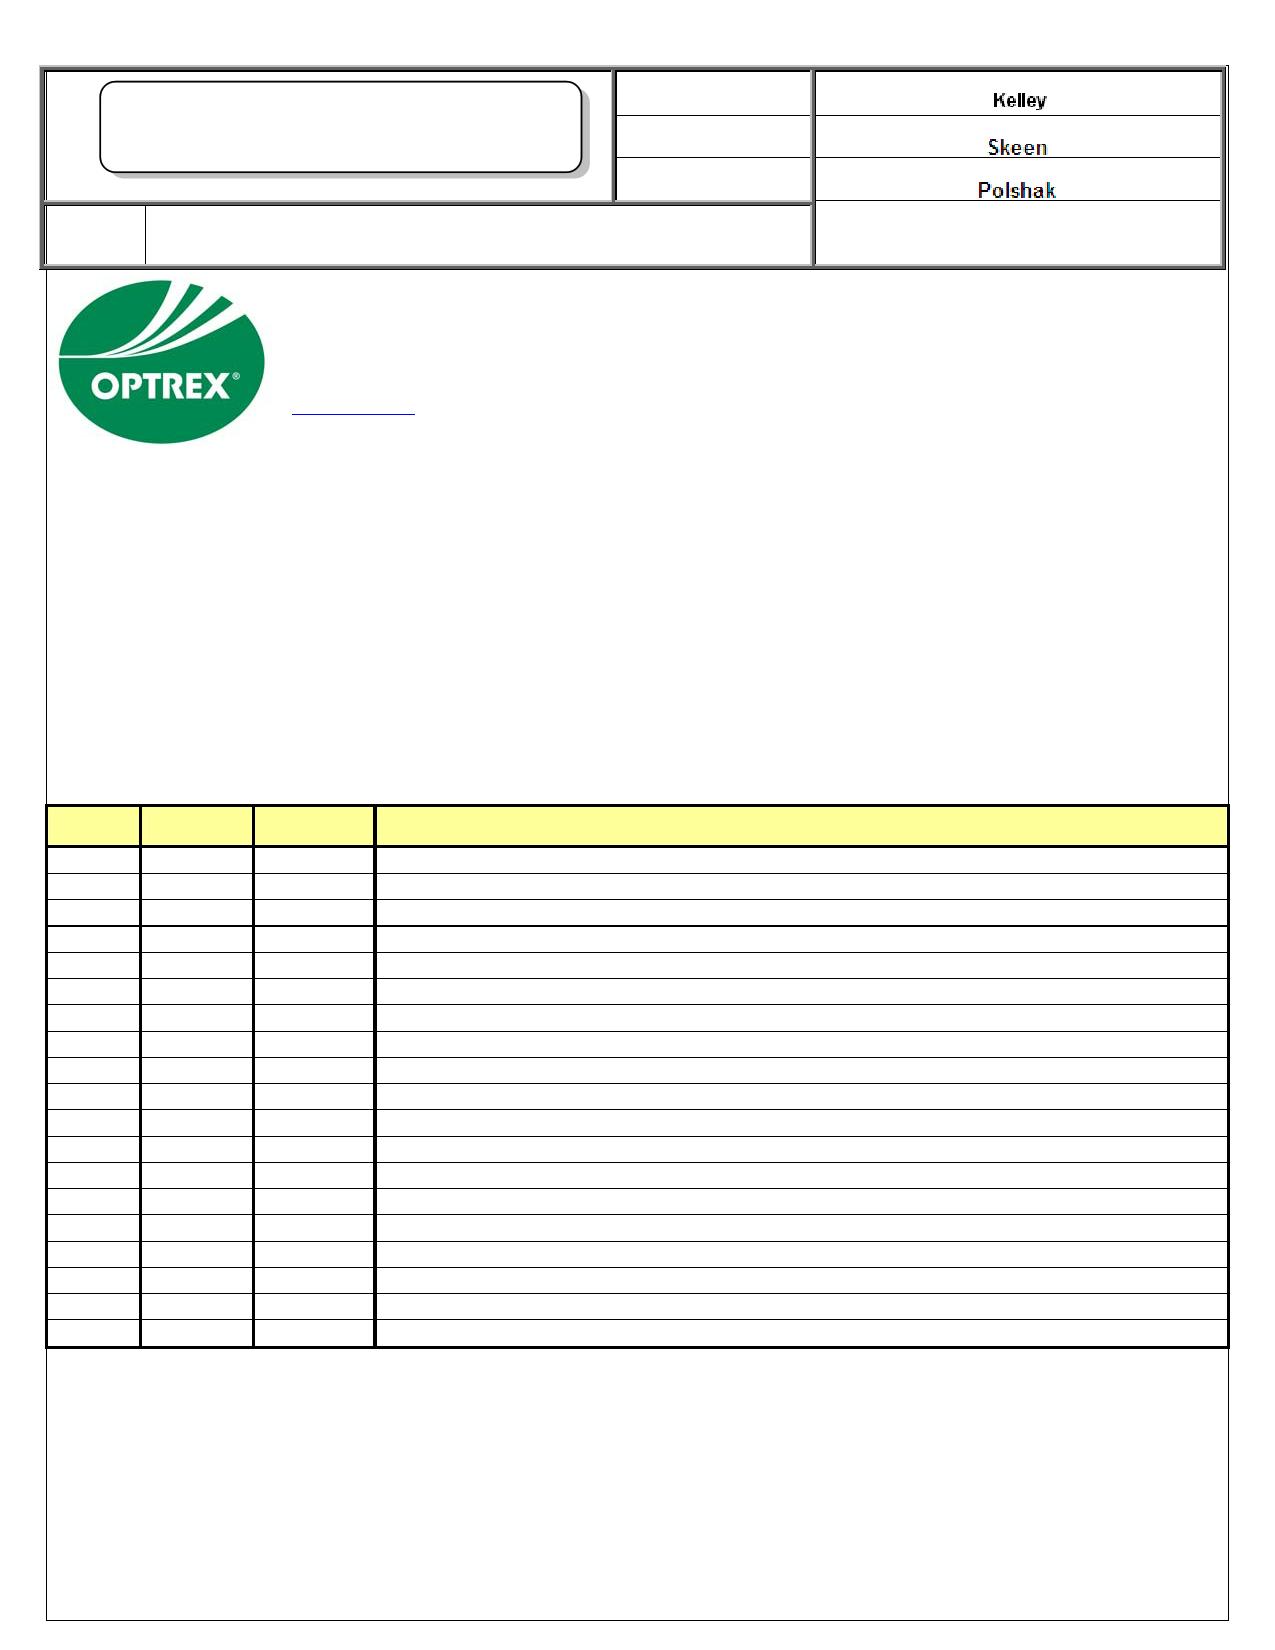 T-55264GD057J-FW datasheet